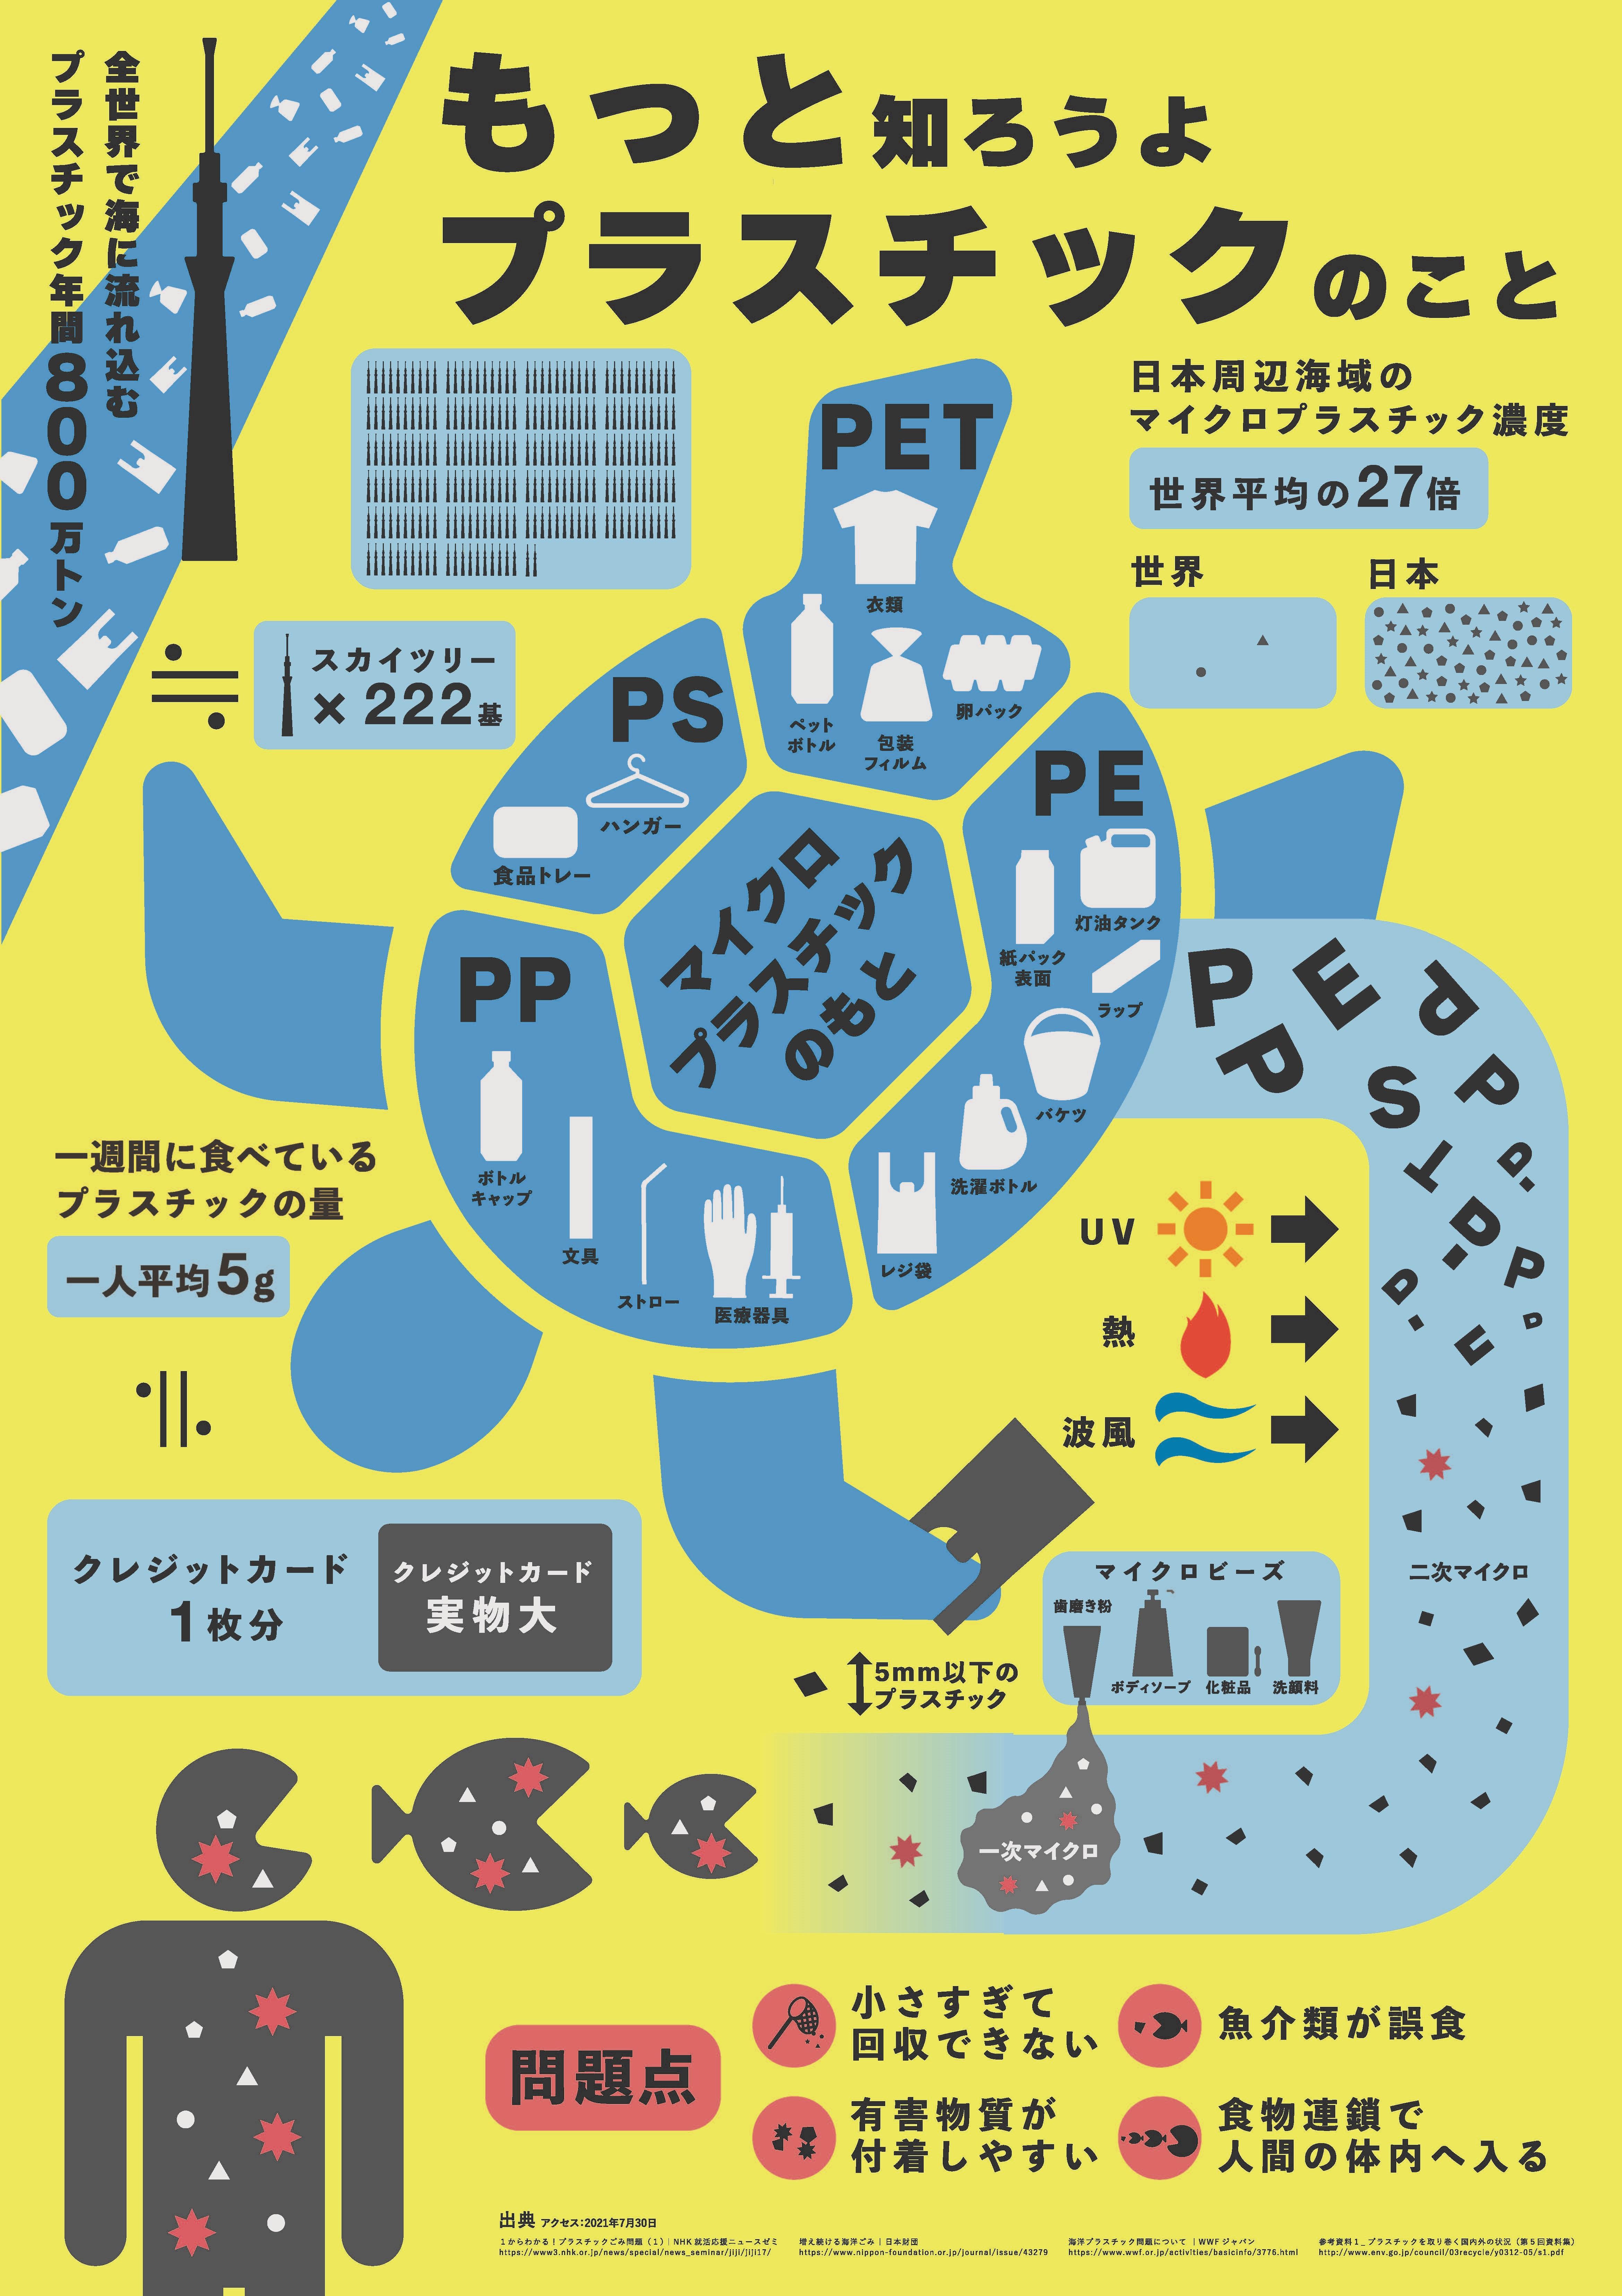 サンシャイン水族館賞受賞作品 「もっと知ろうよ!プラスチックのこと」 大西凛さん(東京都6年生)/御茶の水美術専門学校 森田聖さん 共同作品